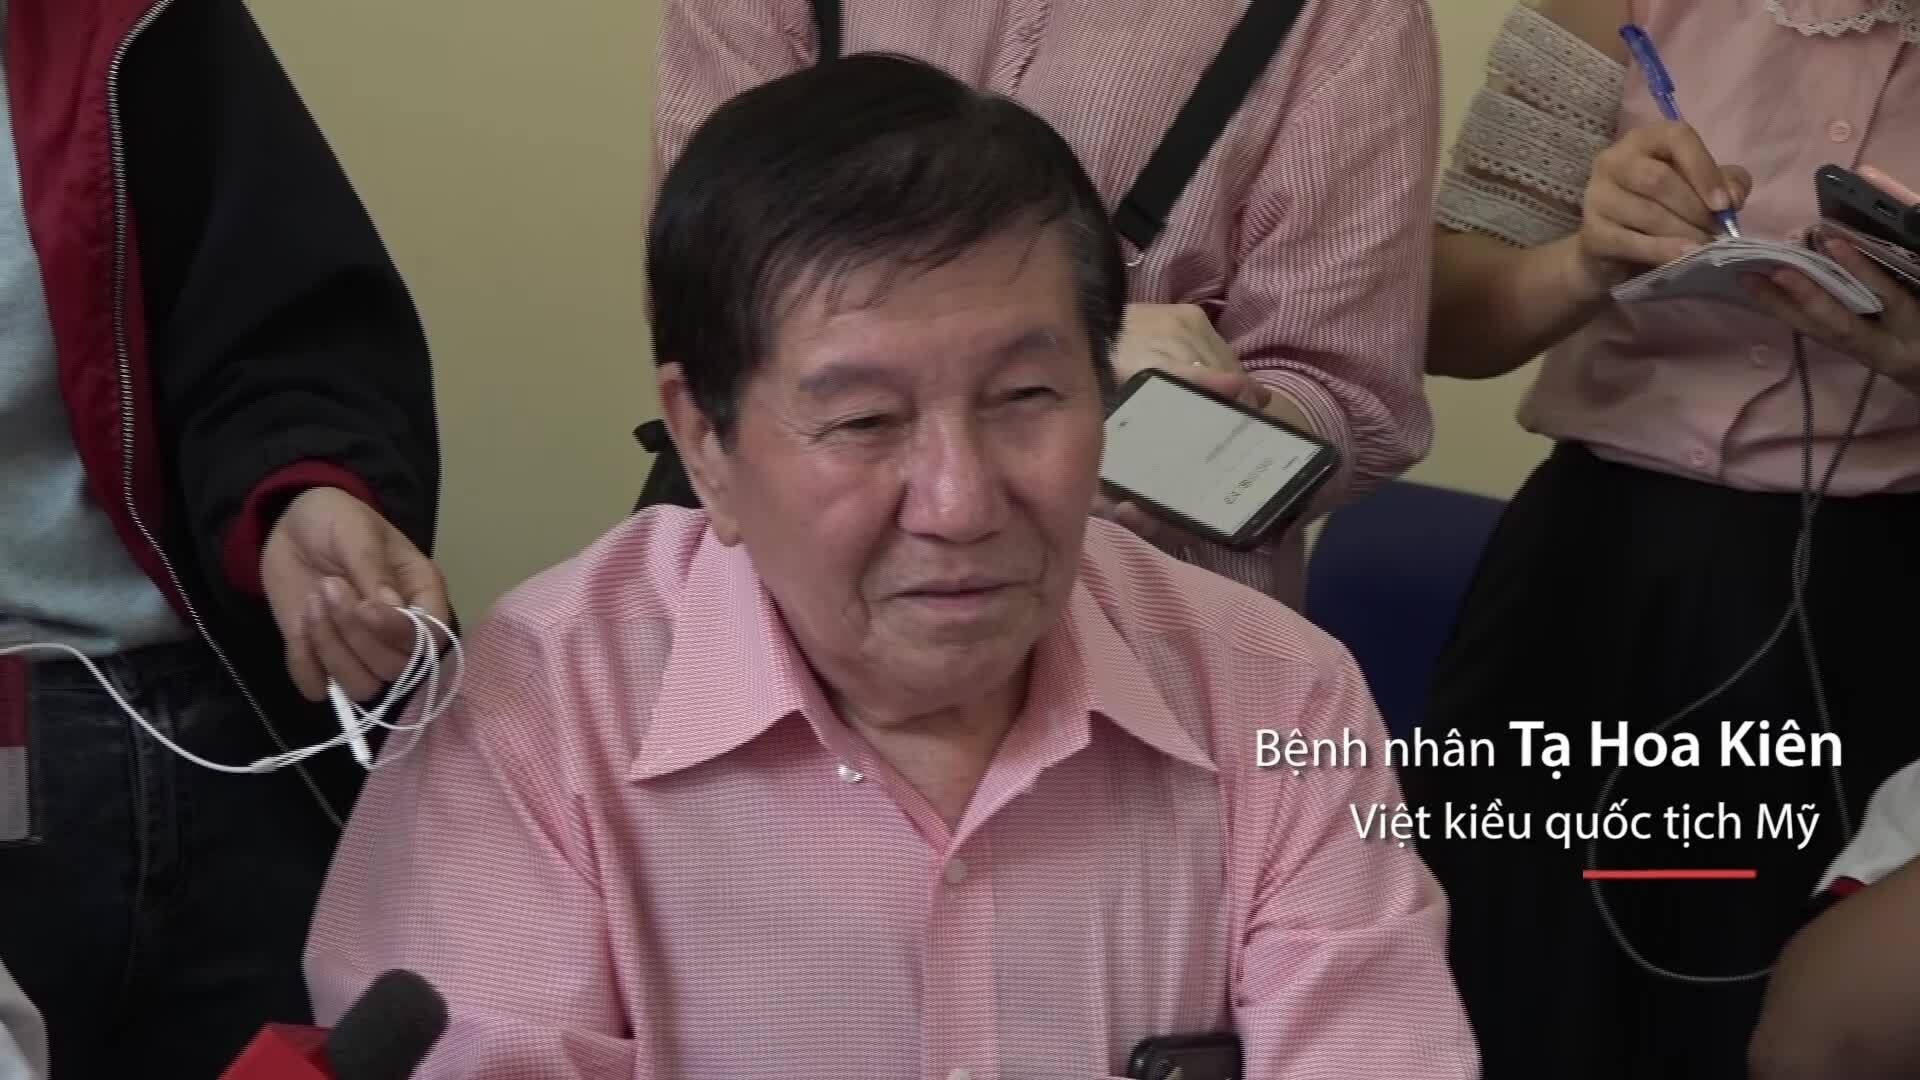 Việt kiều chữa khỏi nCoV: 'Bác sĩ đã trả lại tôi sự sống'